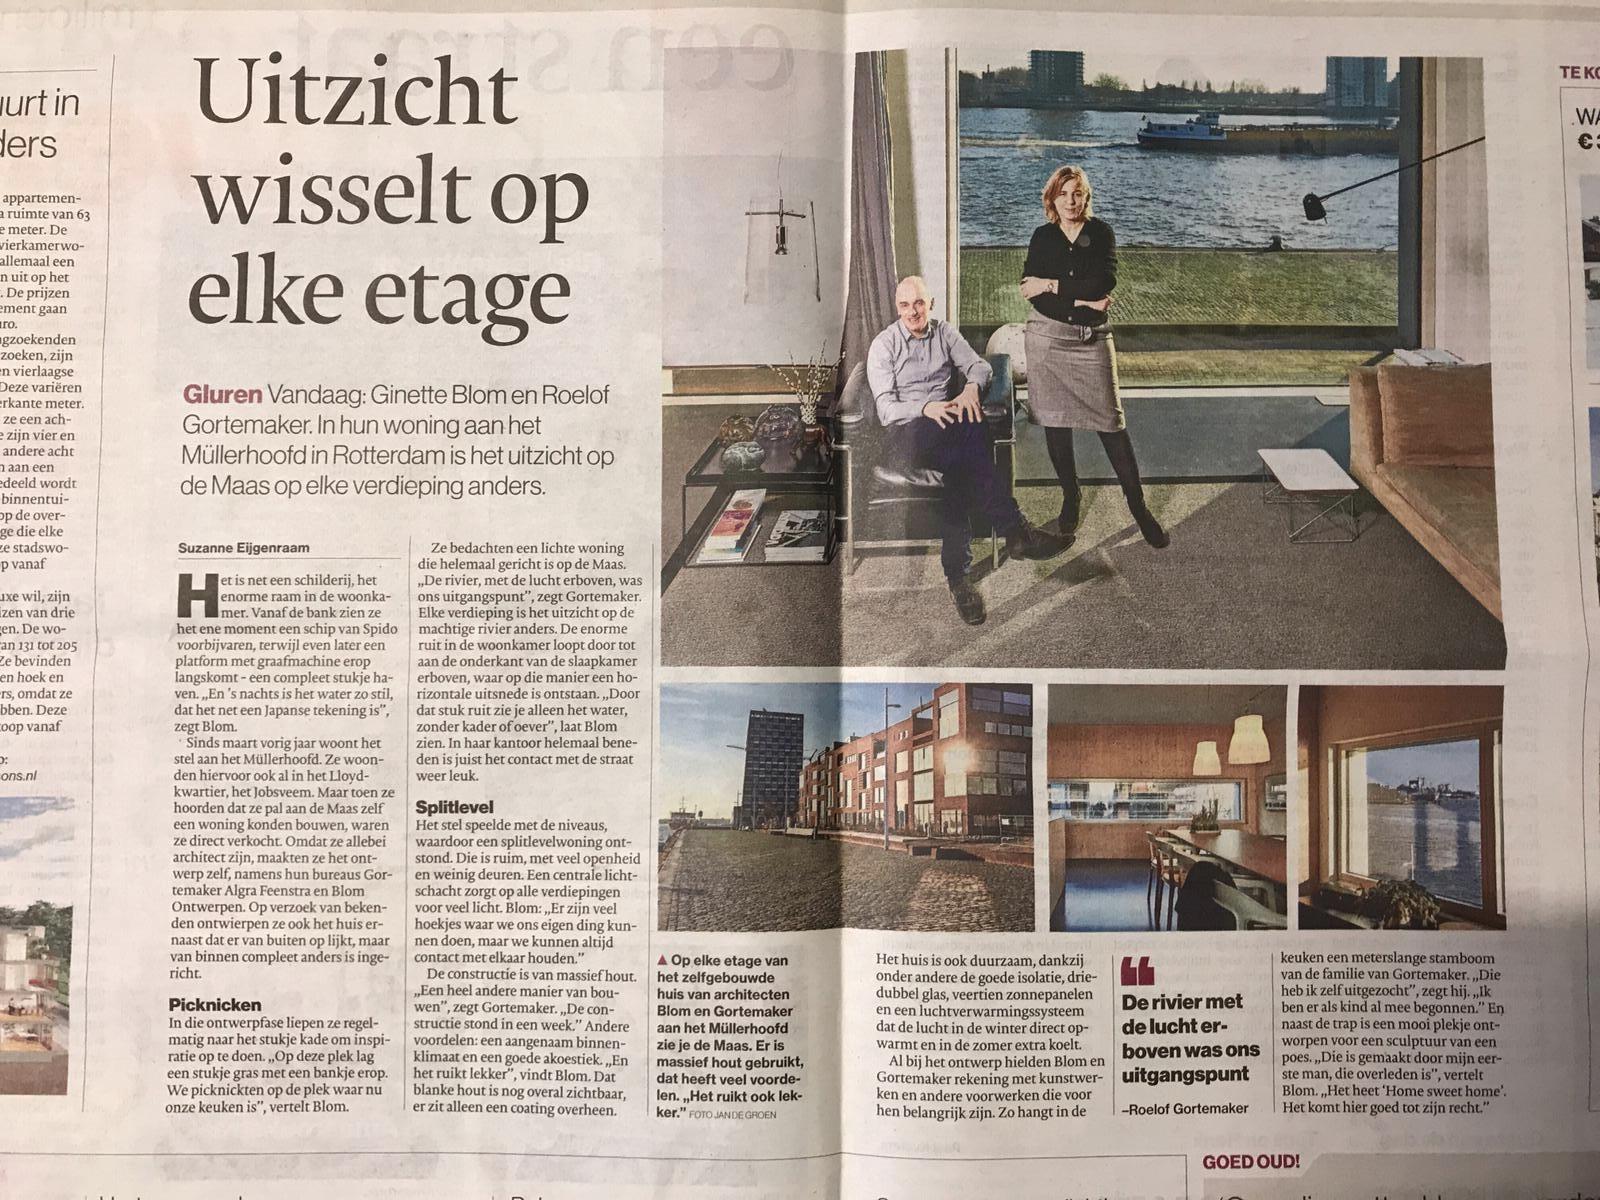 Algemeen_Dagblad_Rotterdam_Müllerhouse.jpg